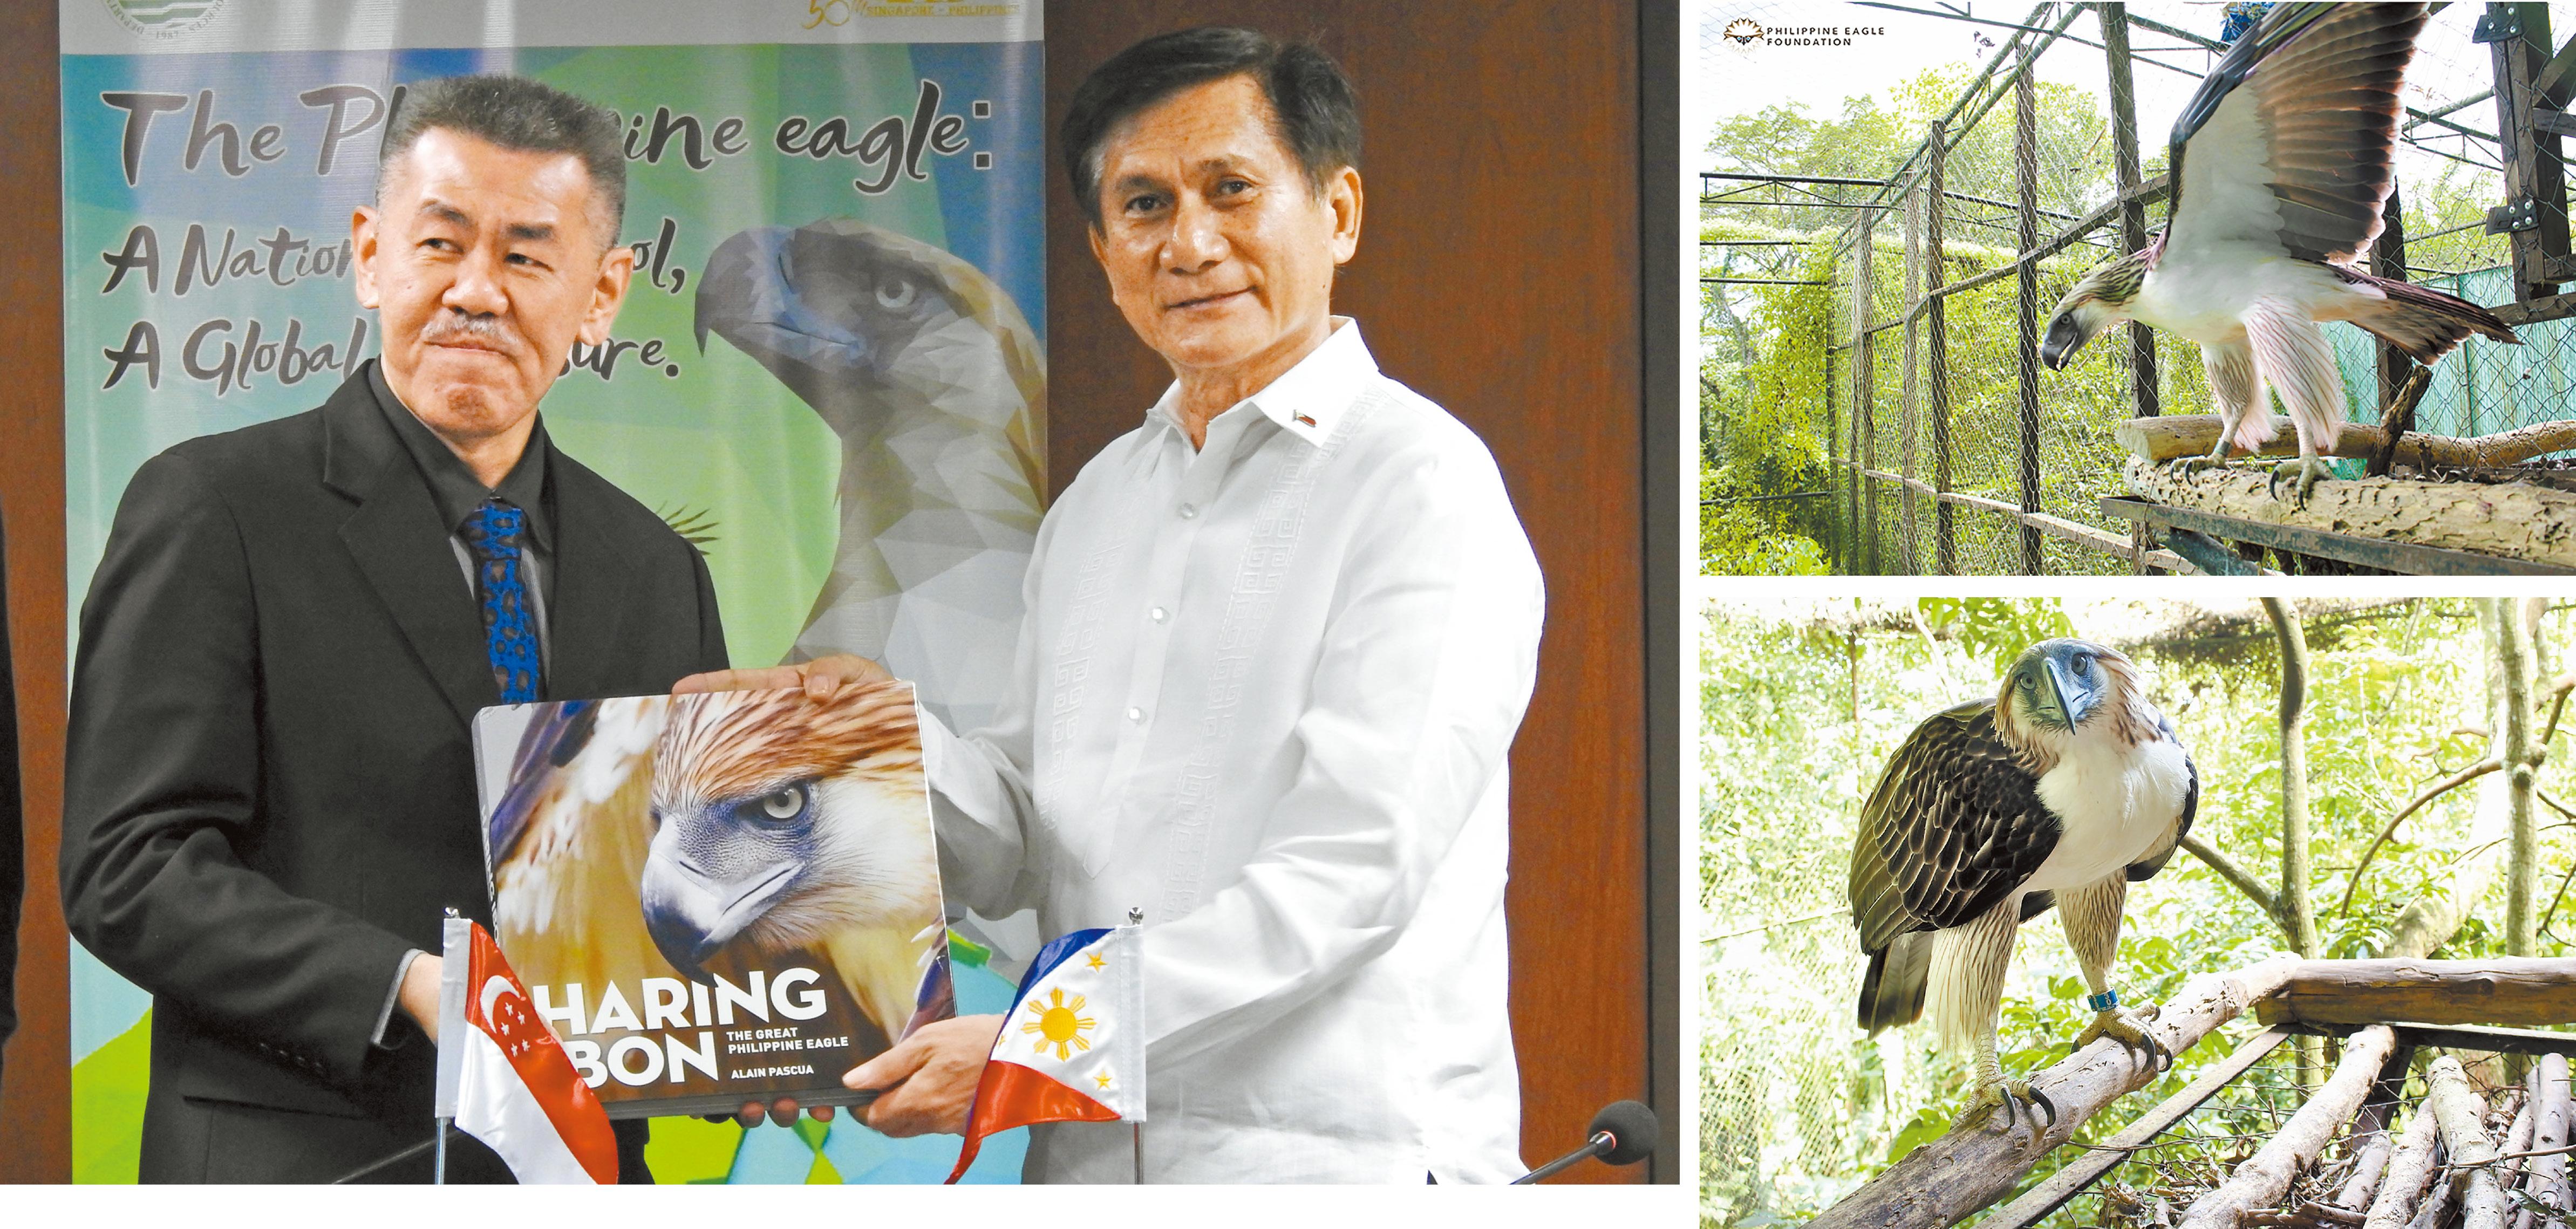 菲律賓國寶鷹借給新加坡   多倫多   加拿大中文新聞網 - 加拿大星島日報 Canada Chinese News